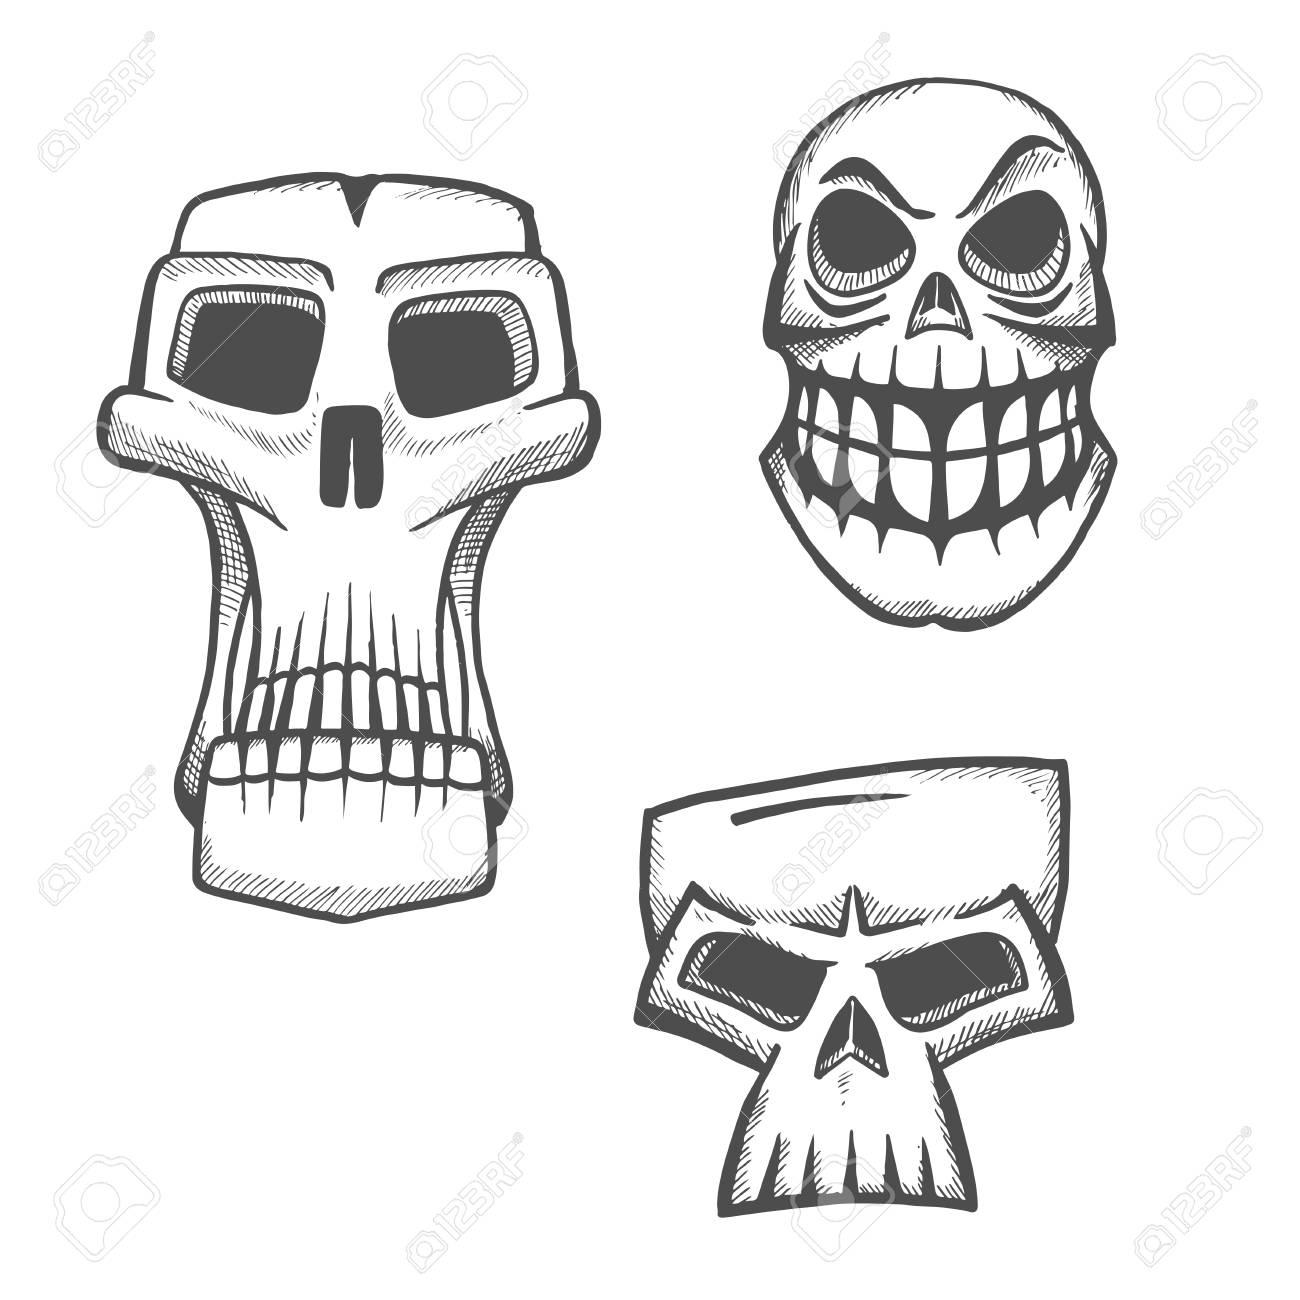 Squelette Dessin Halloween.Crâne Icônes D Esquisse Définies Halloween Effrayant Signe Visage De Squelette Pour Dessin Animé étiquette Tatouage T Shirt Imprimé